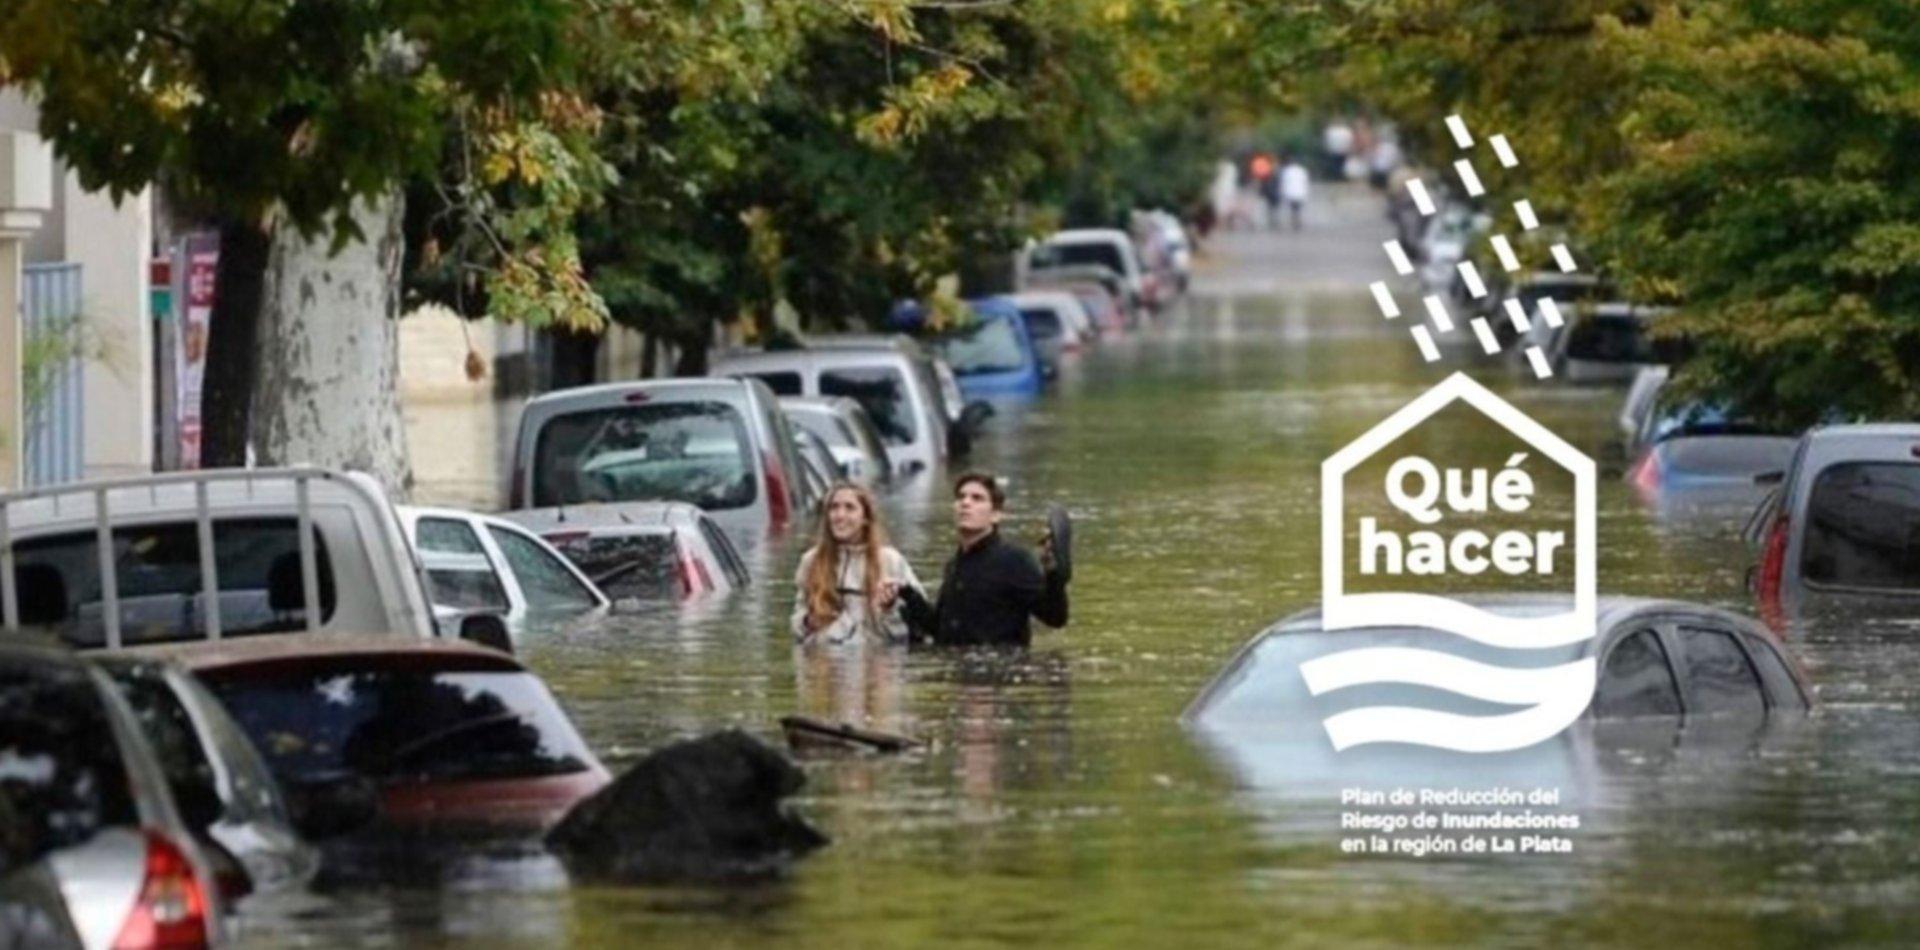 Mapeo inédito, manuales y protocolo: las claves del plan para actuar ante inundaciones